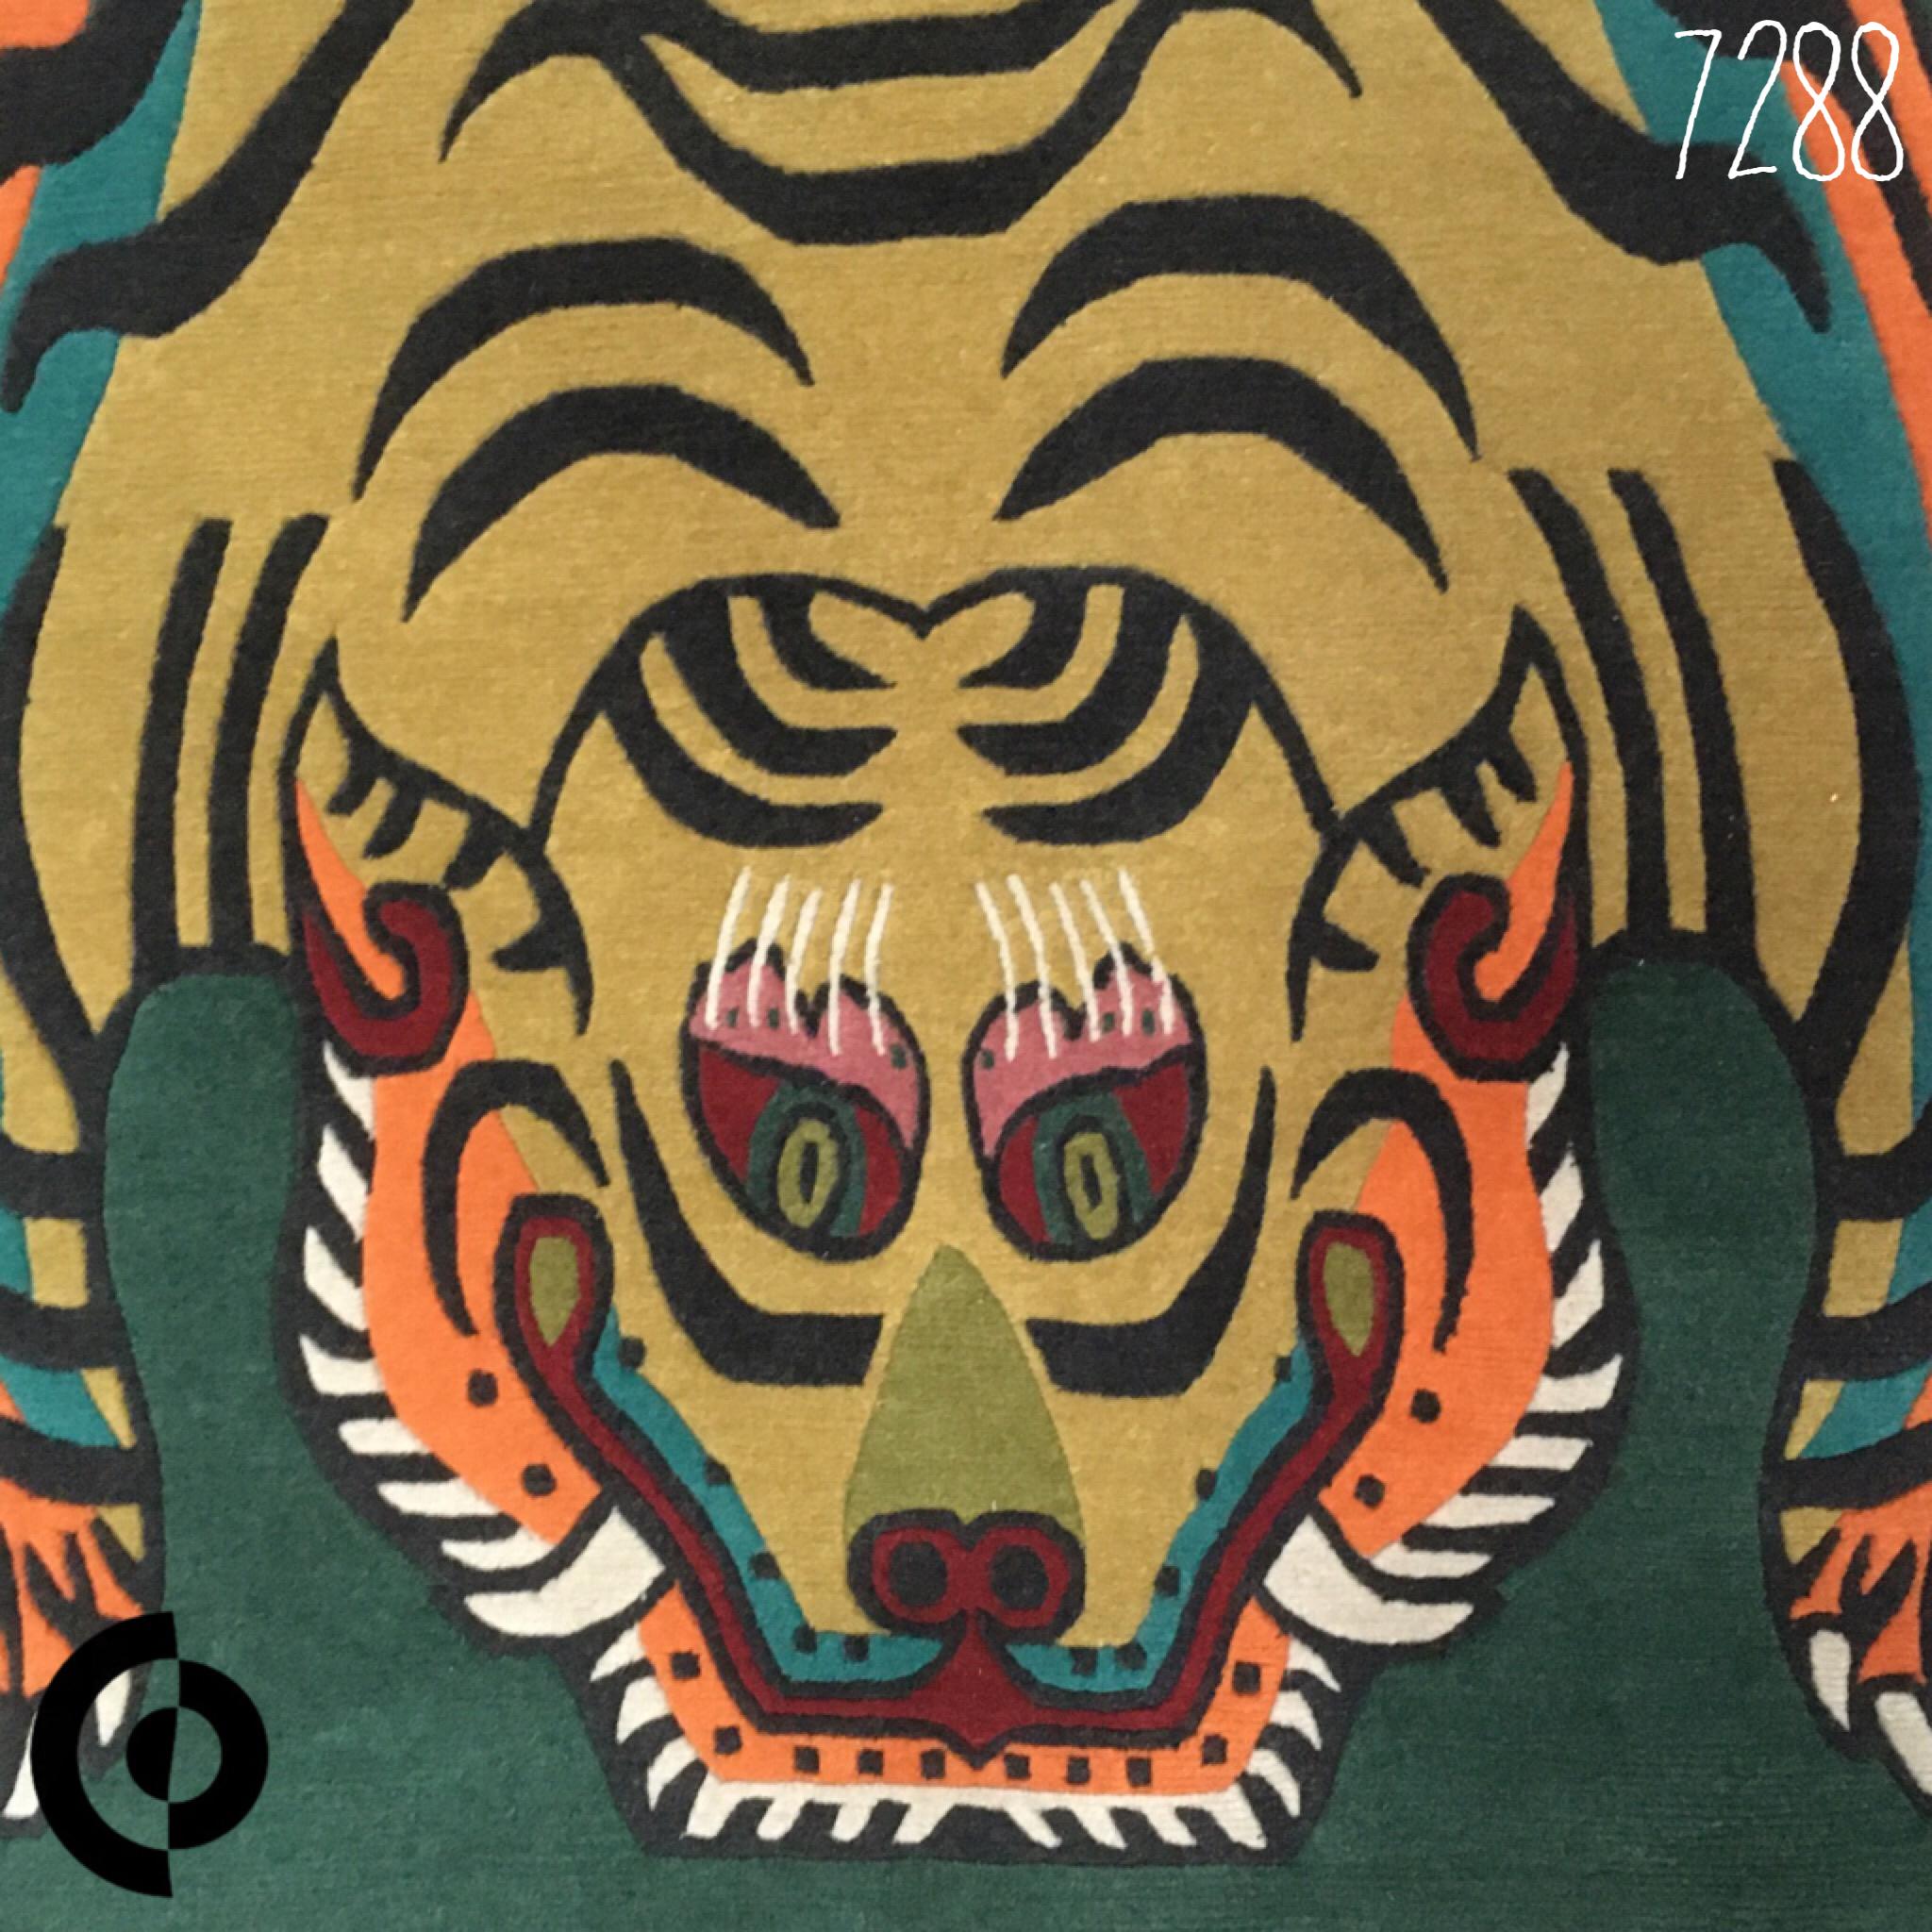 ネパール産チベタンタイガーラグの販売再開のお知らせ。【TIBETAN TIGER RUG WOOL】